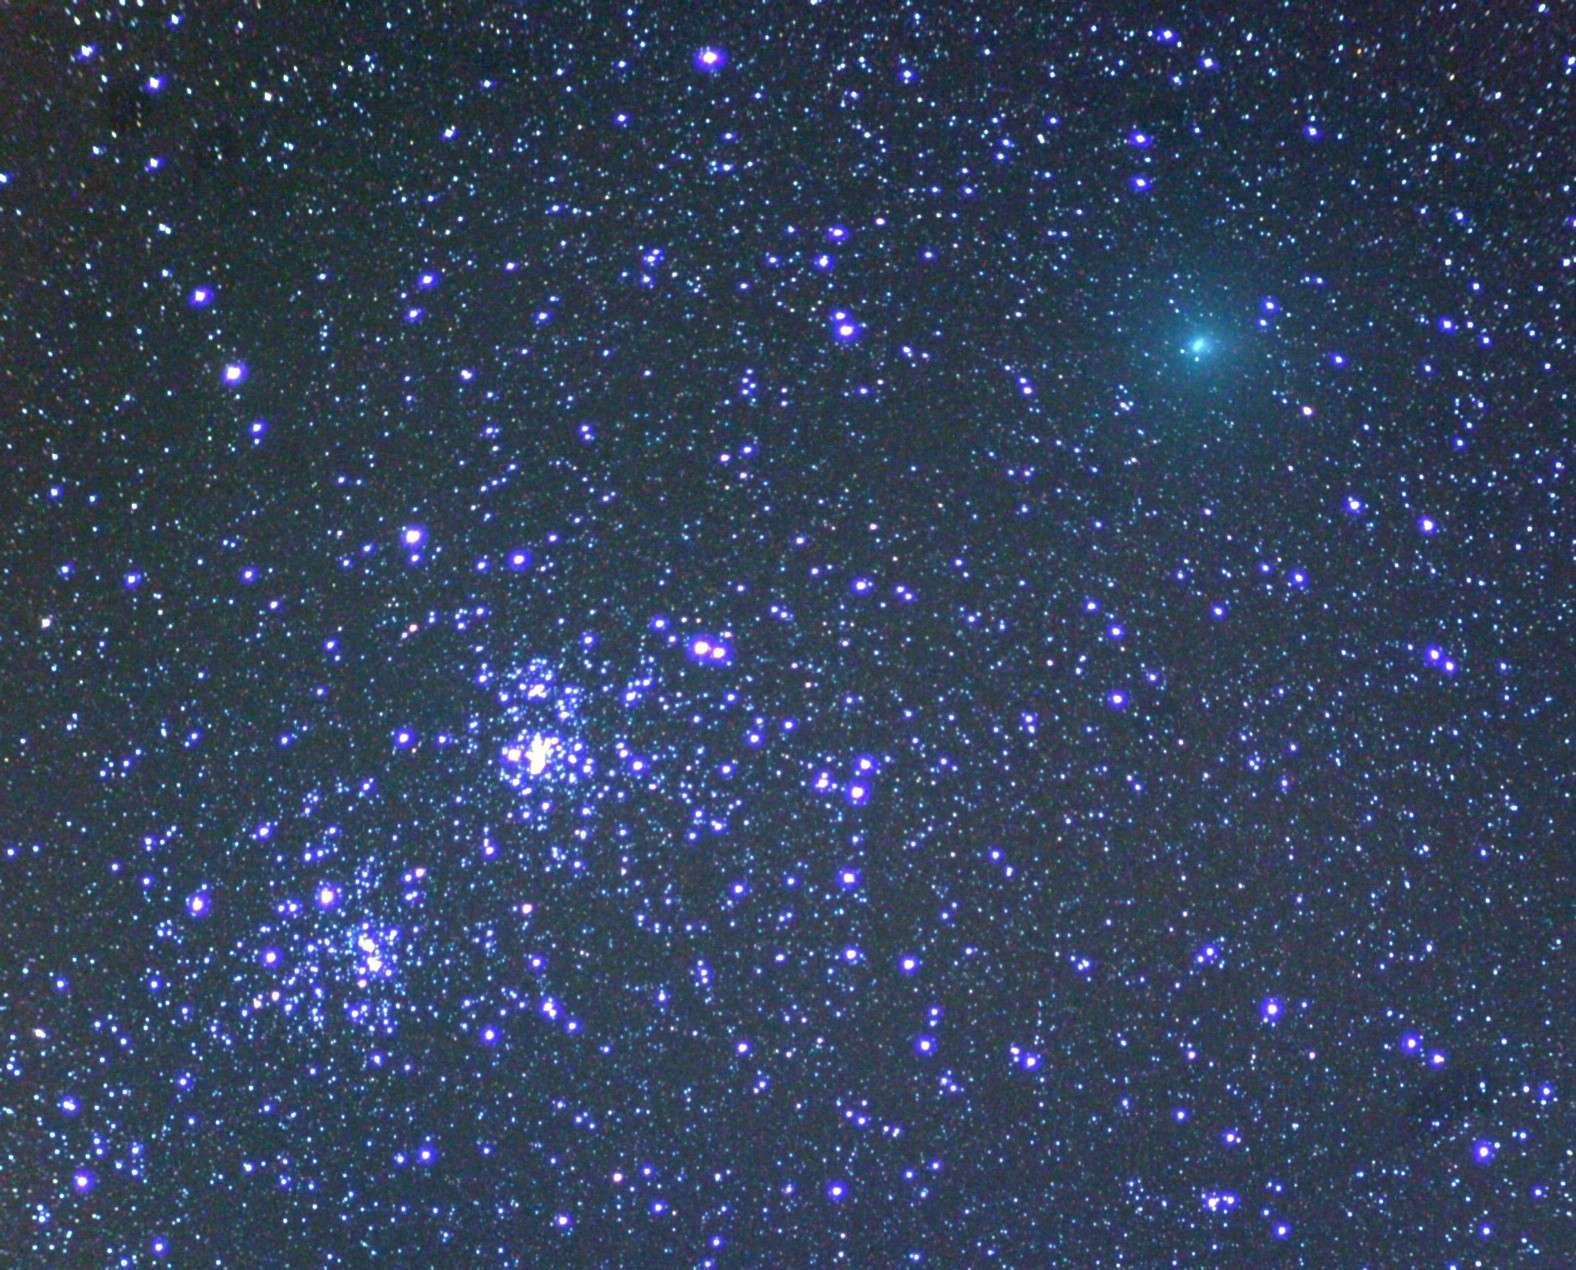 Le 7 octobre, la comète 103P/Hartley 2 rendait visite au double amas de Persée. © Toni Scarmato